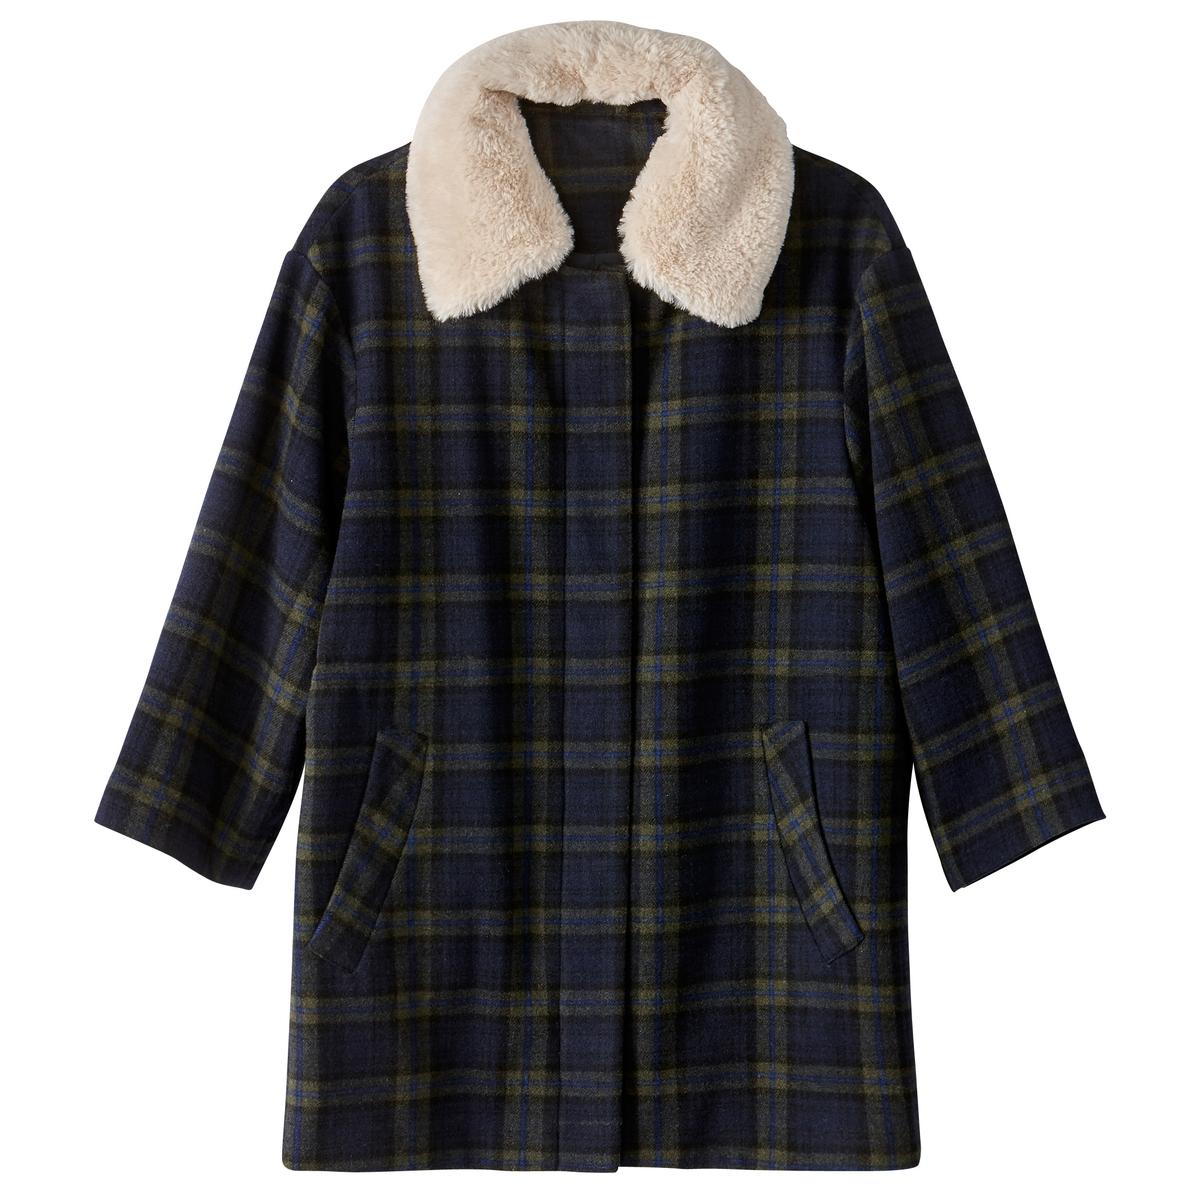 Пальто в клеткуОписание:Воротник из искусственного меха и укороченные рукава : мода. которая будет с нами на протяжении этой зимы . Пальто на молнии из смесовой шерсти, объемный покрой . На подкладке.Детали •  Длина : средняя •  Воротник-поло, рубашечный •  Рисунок в клетку •  Застежка на молниюСостав и уход •  54% шерсти, 2% акрила, 2% полиамида, 42% полиэстера  • Не стирать  •  Любые растворители / не отбеливать   •  Не использовать барабанную сушку   •  Низкая температура глажки •  Длина : 82 см<br><br>Цвет: в клетку<br>Размер: 48 (FR) - 54 (RUS).44 (FR) - 50 (RUS)